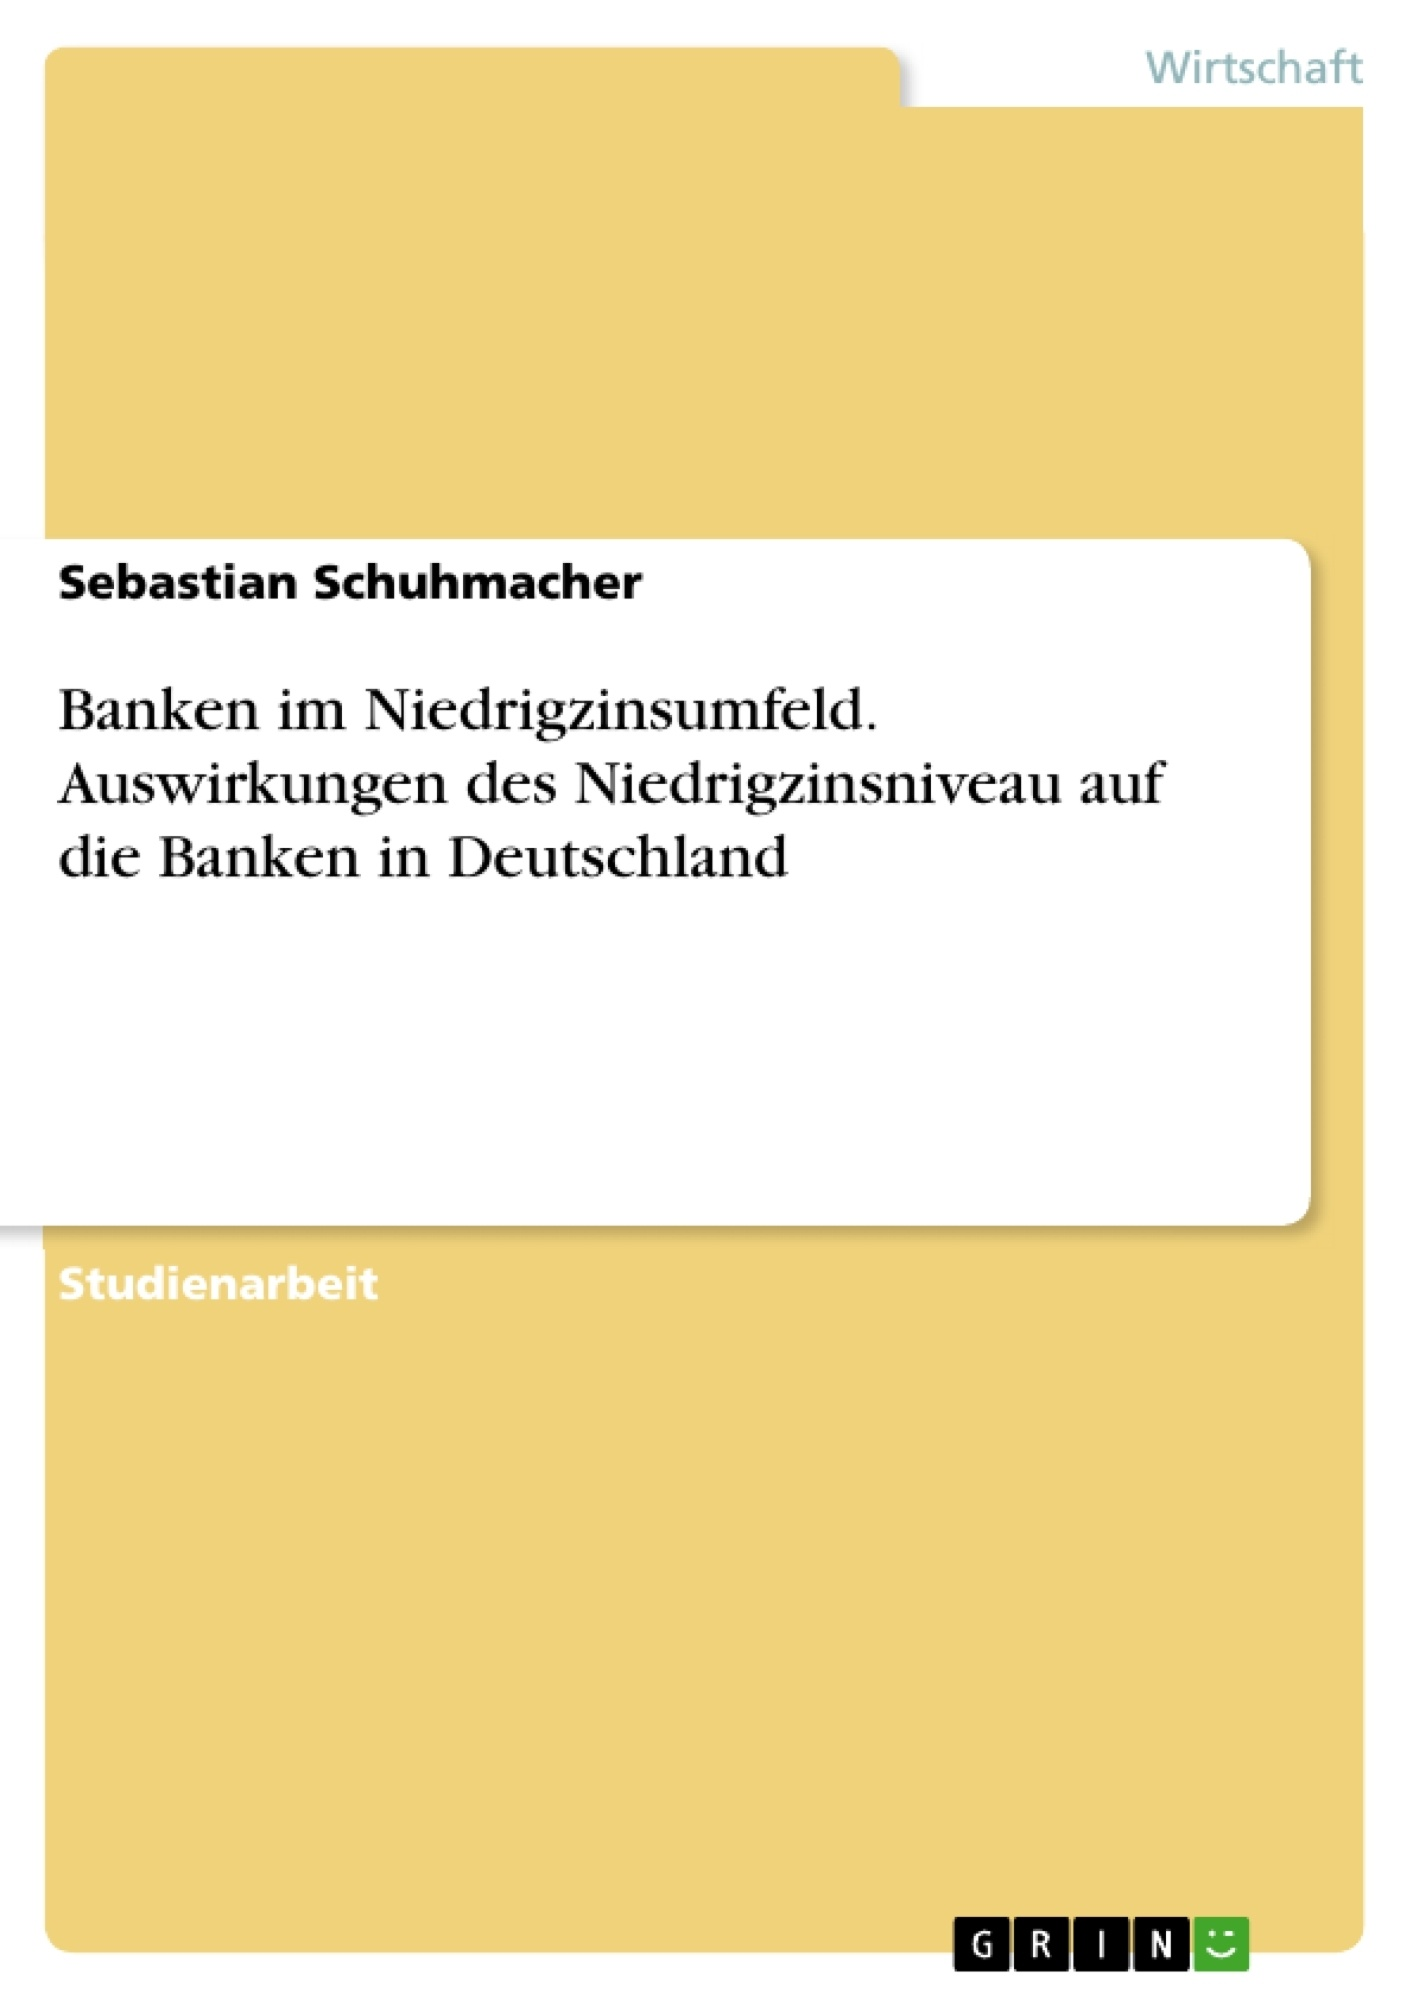 Titel: Banken im Niedrigzinsumfeld. Auswirkungen des Niedrigzinsniveau auf die Banken in Deutschland